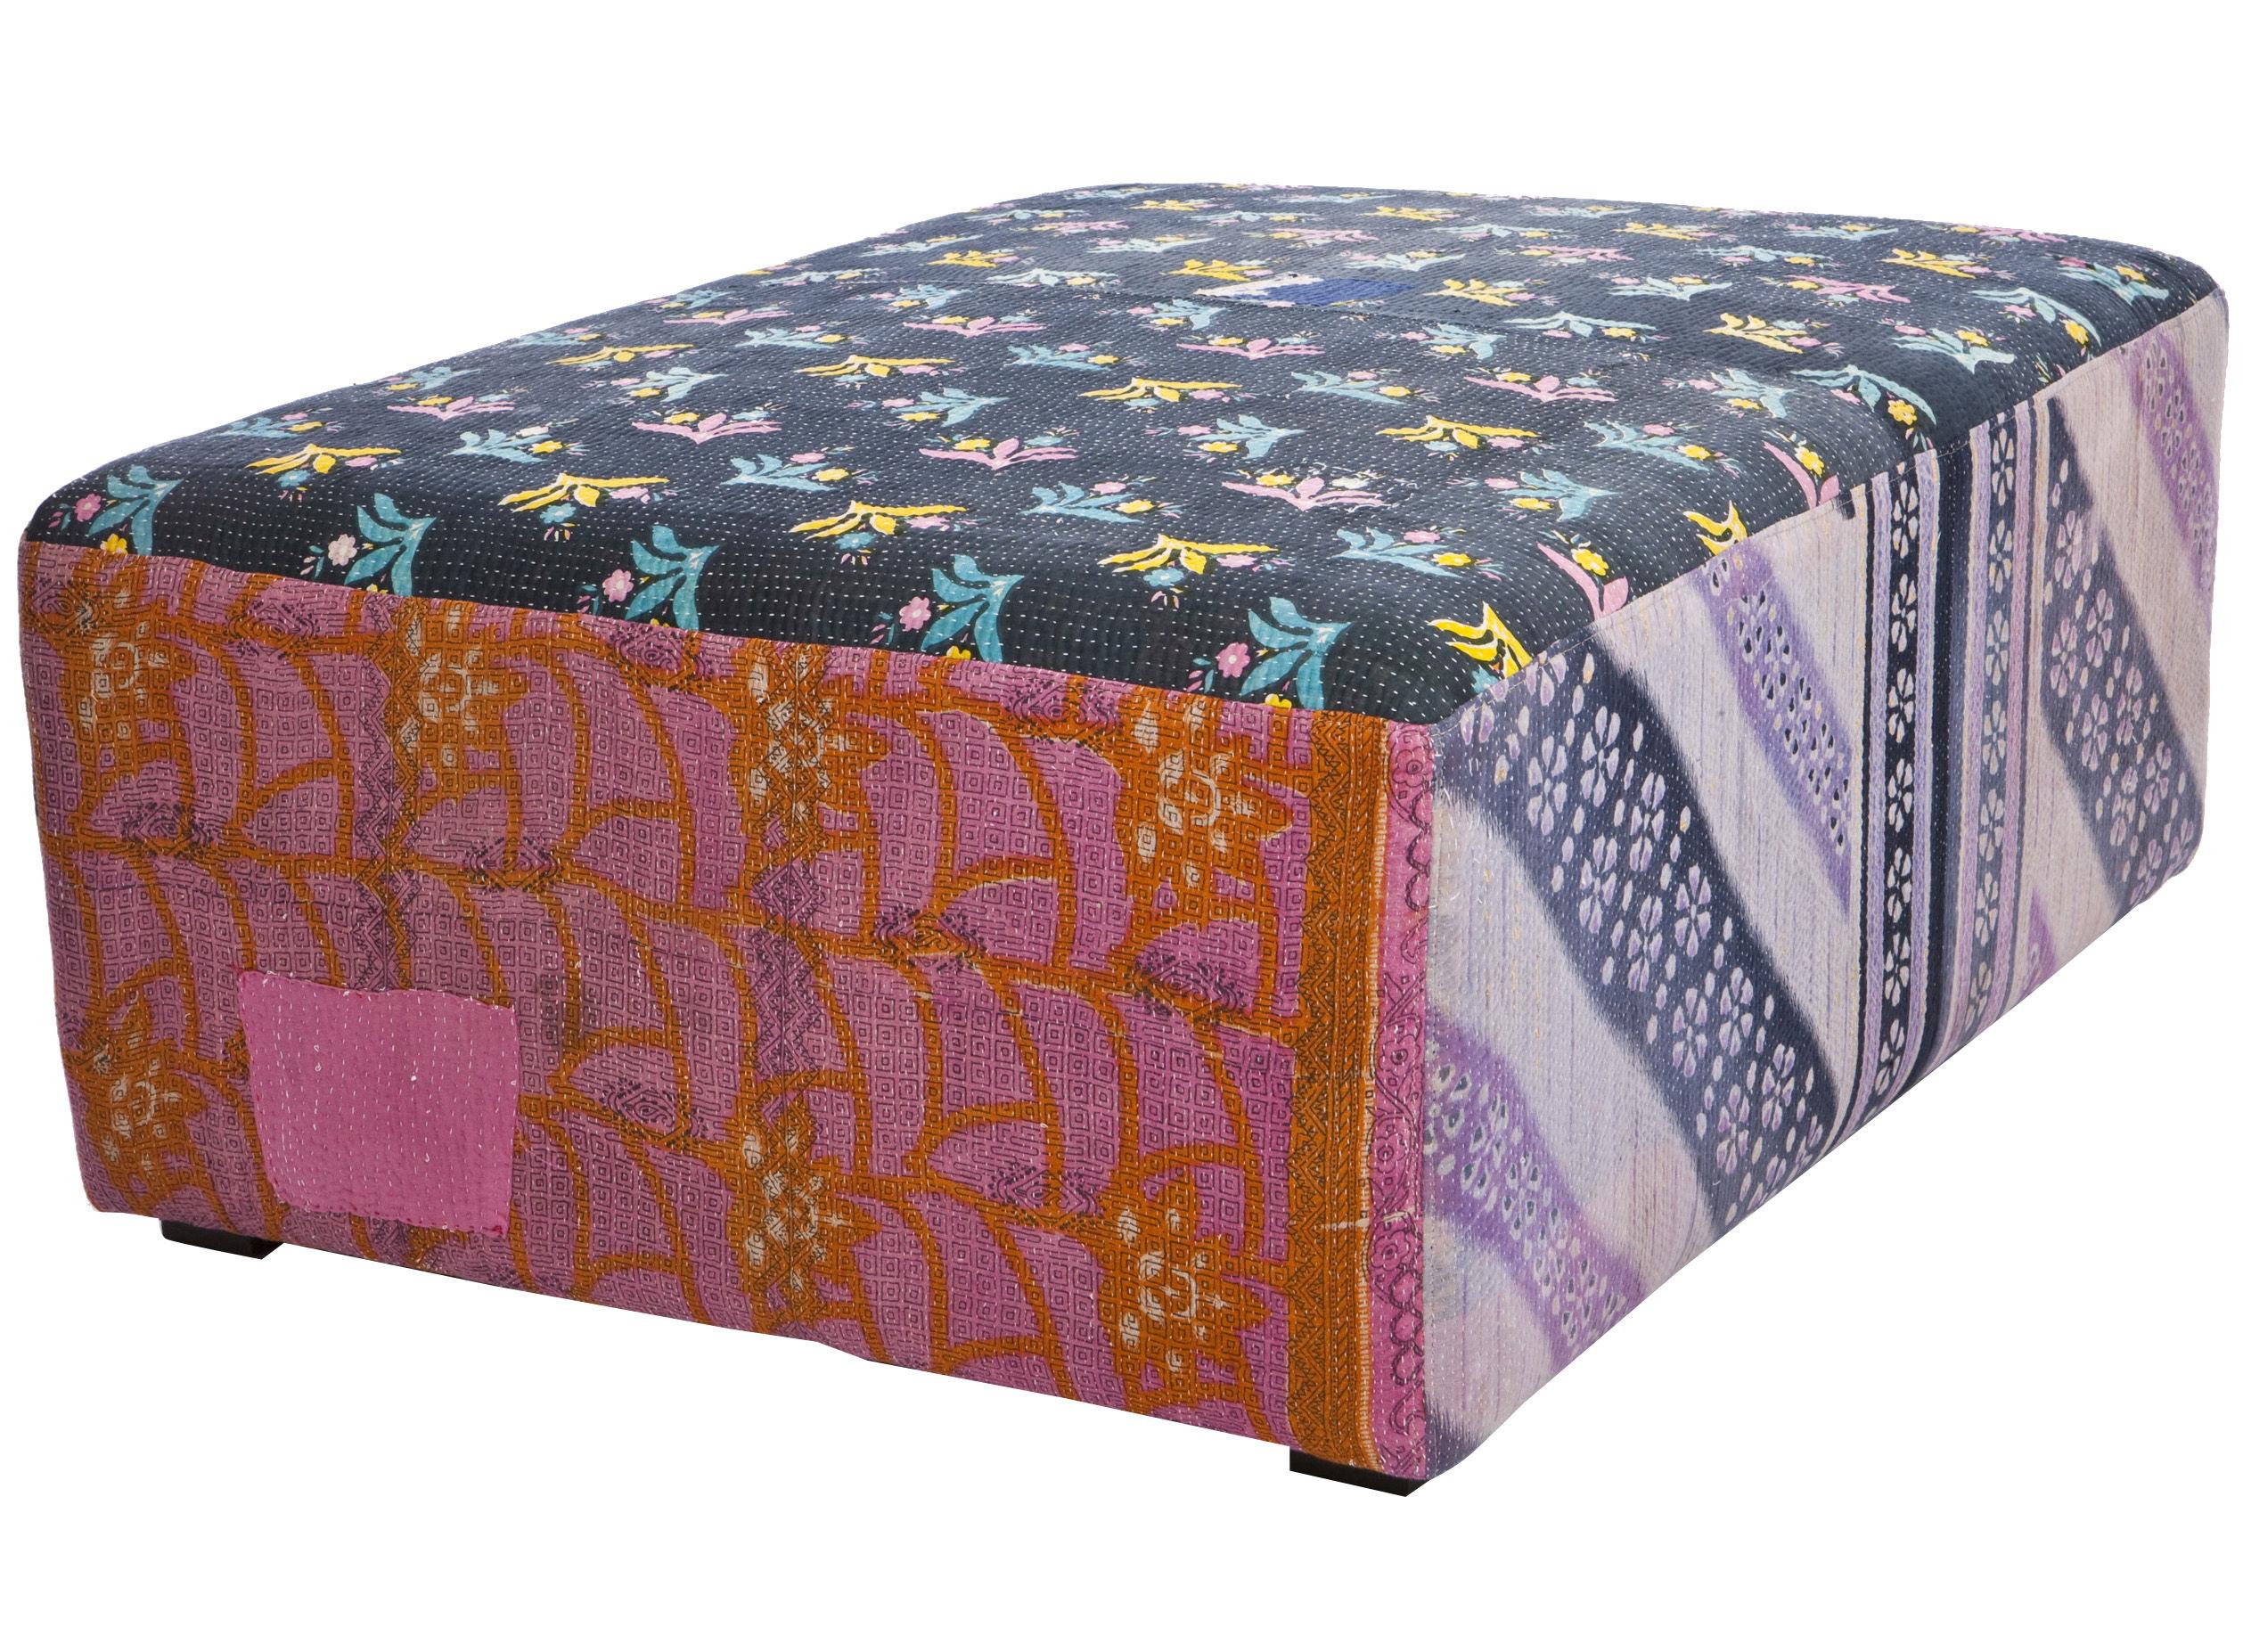 Mobilier - Poufs - Pouf Antique Quilt - Hay - Multicolore - Coton, Mousse de polyuréthane, Pin